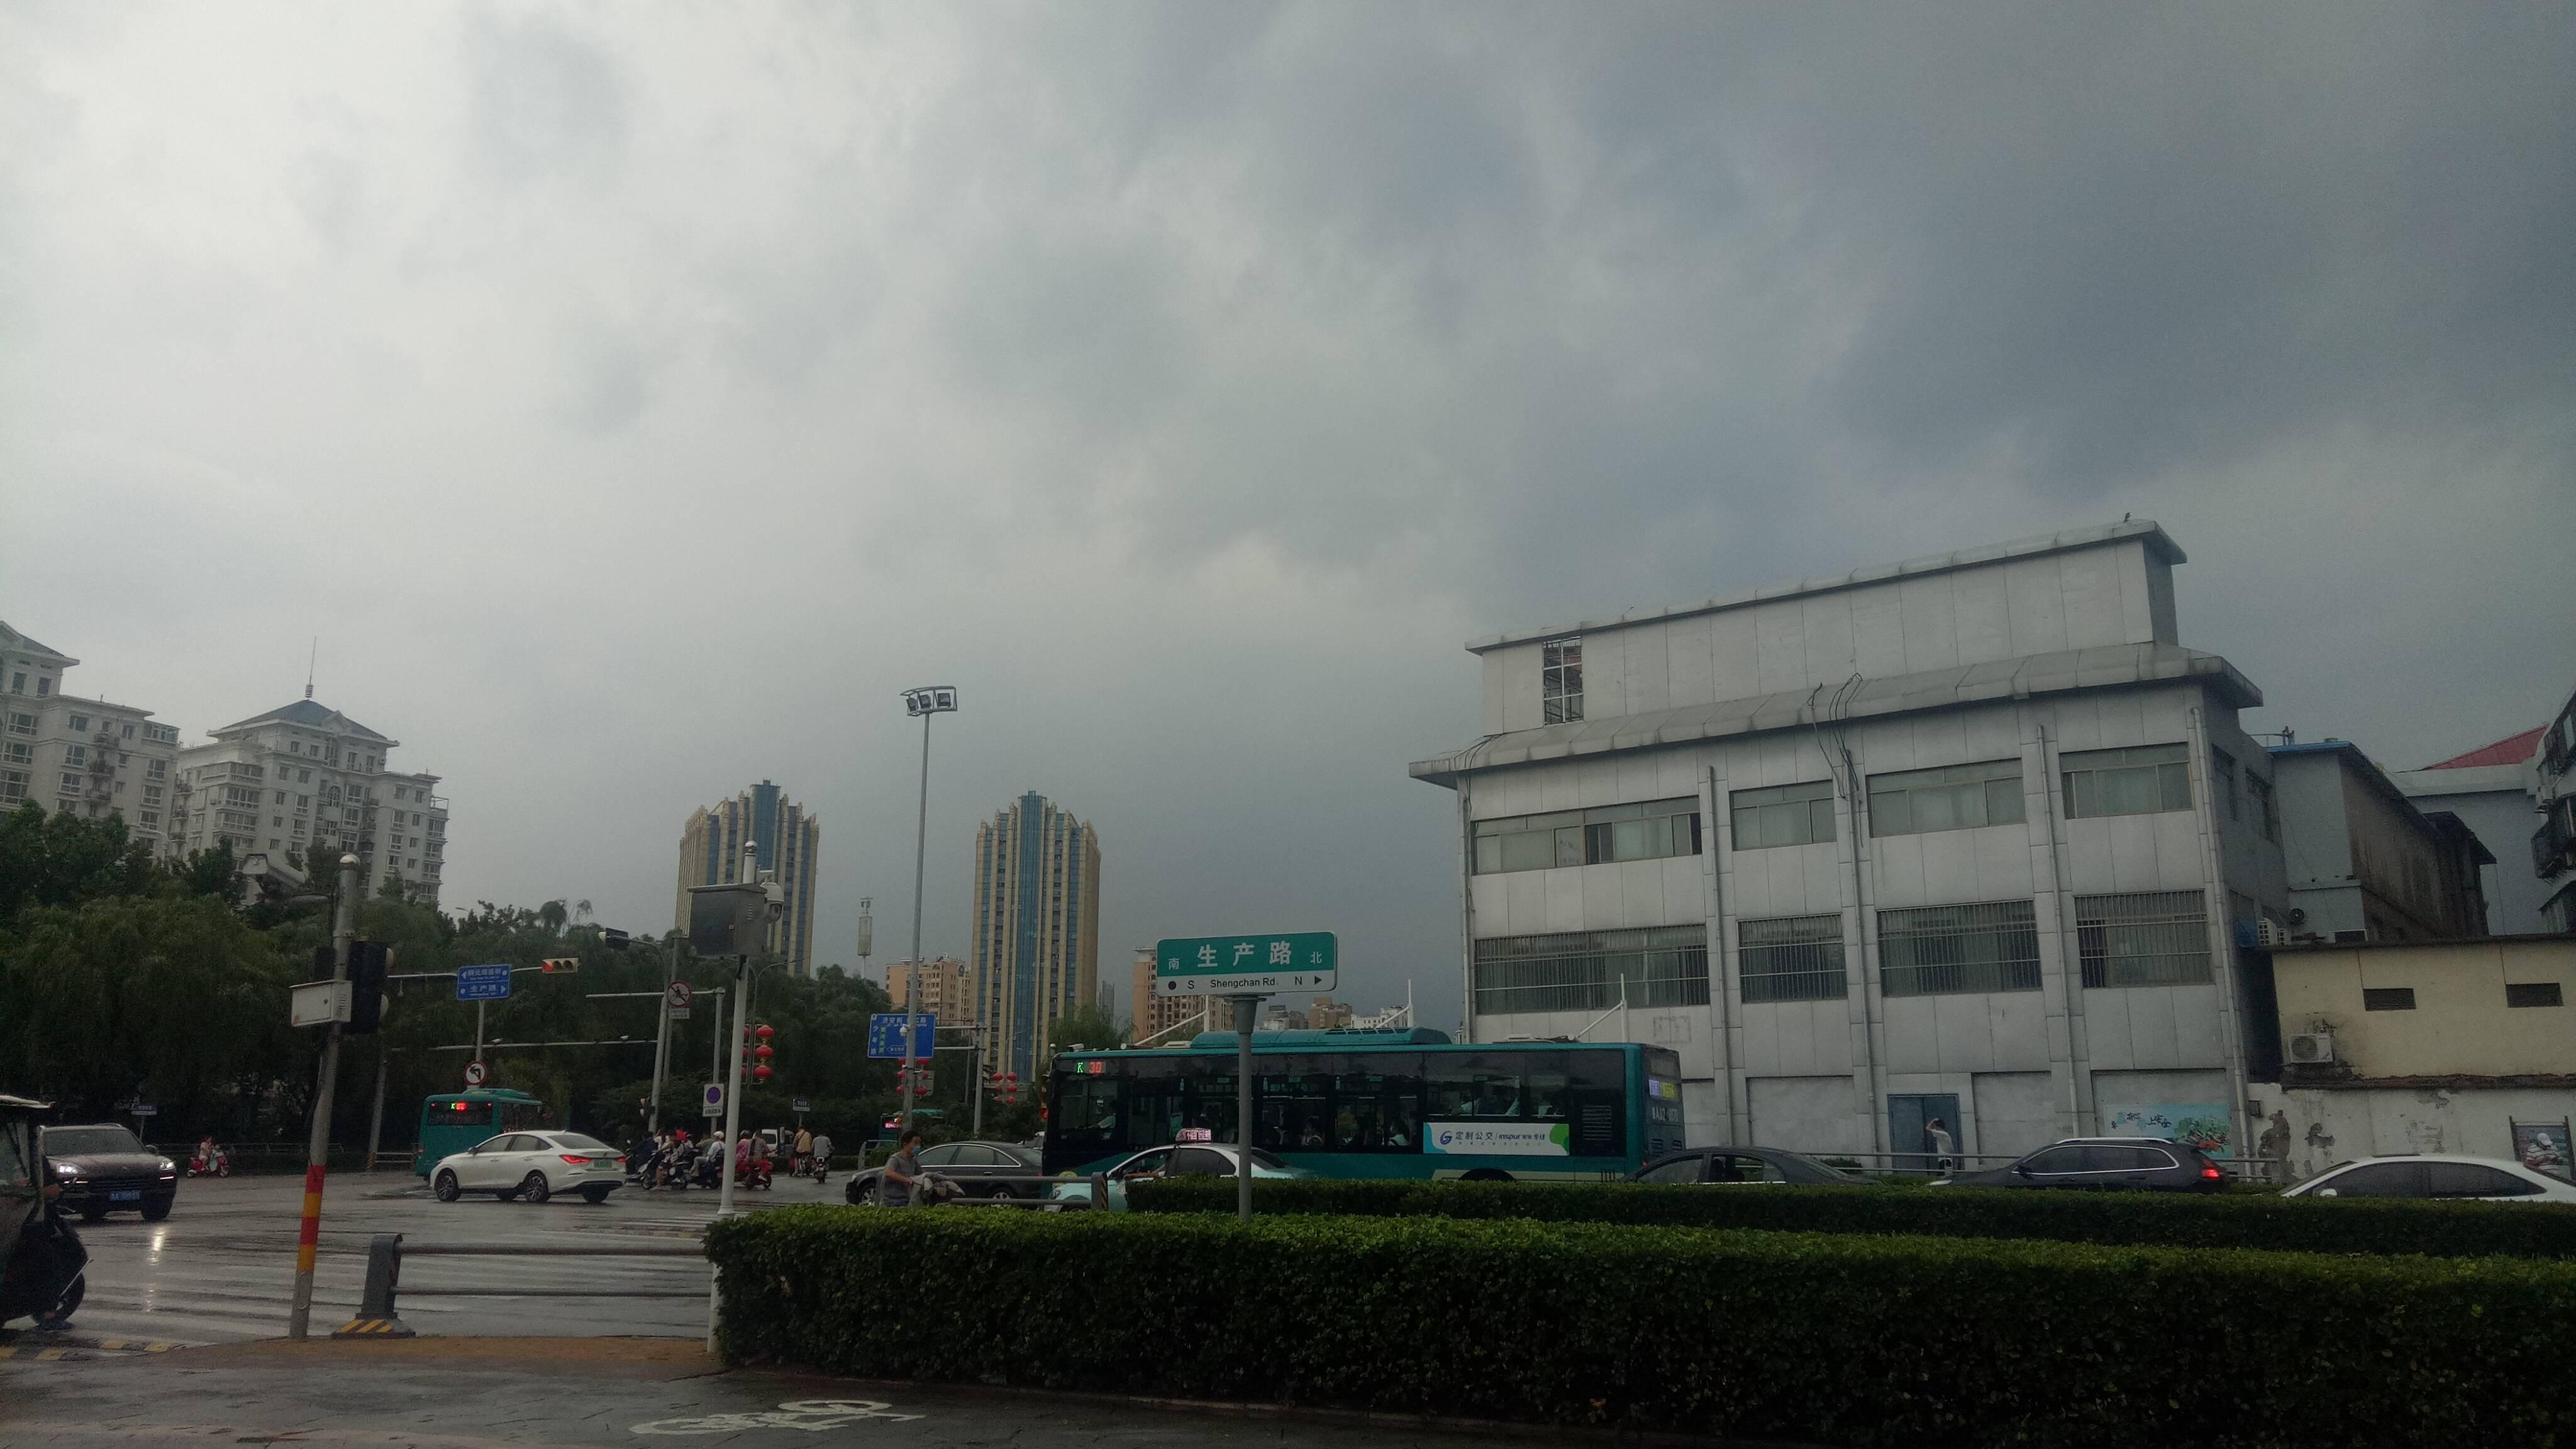 这周阵雨+大风!山东解除海上大风黄色预警信号并发布海上大风警报